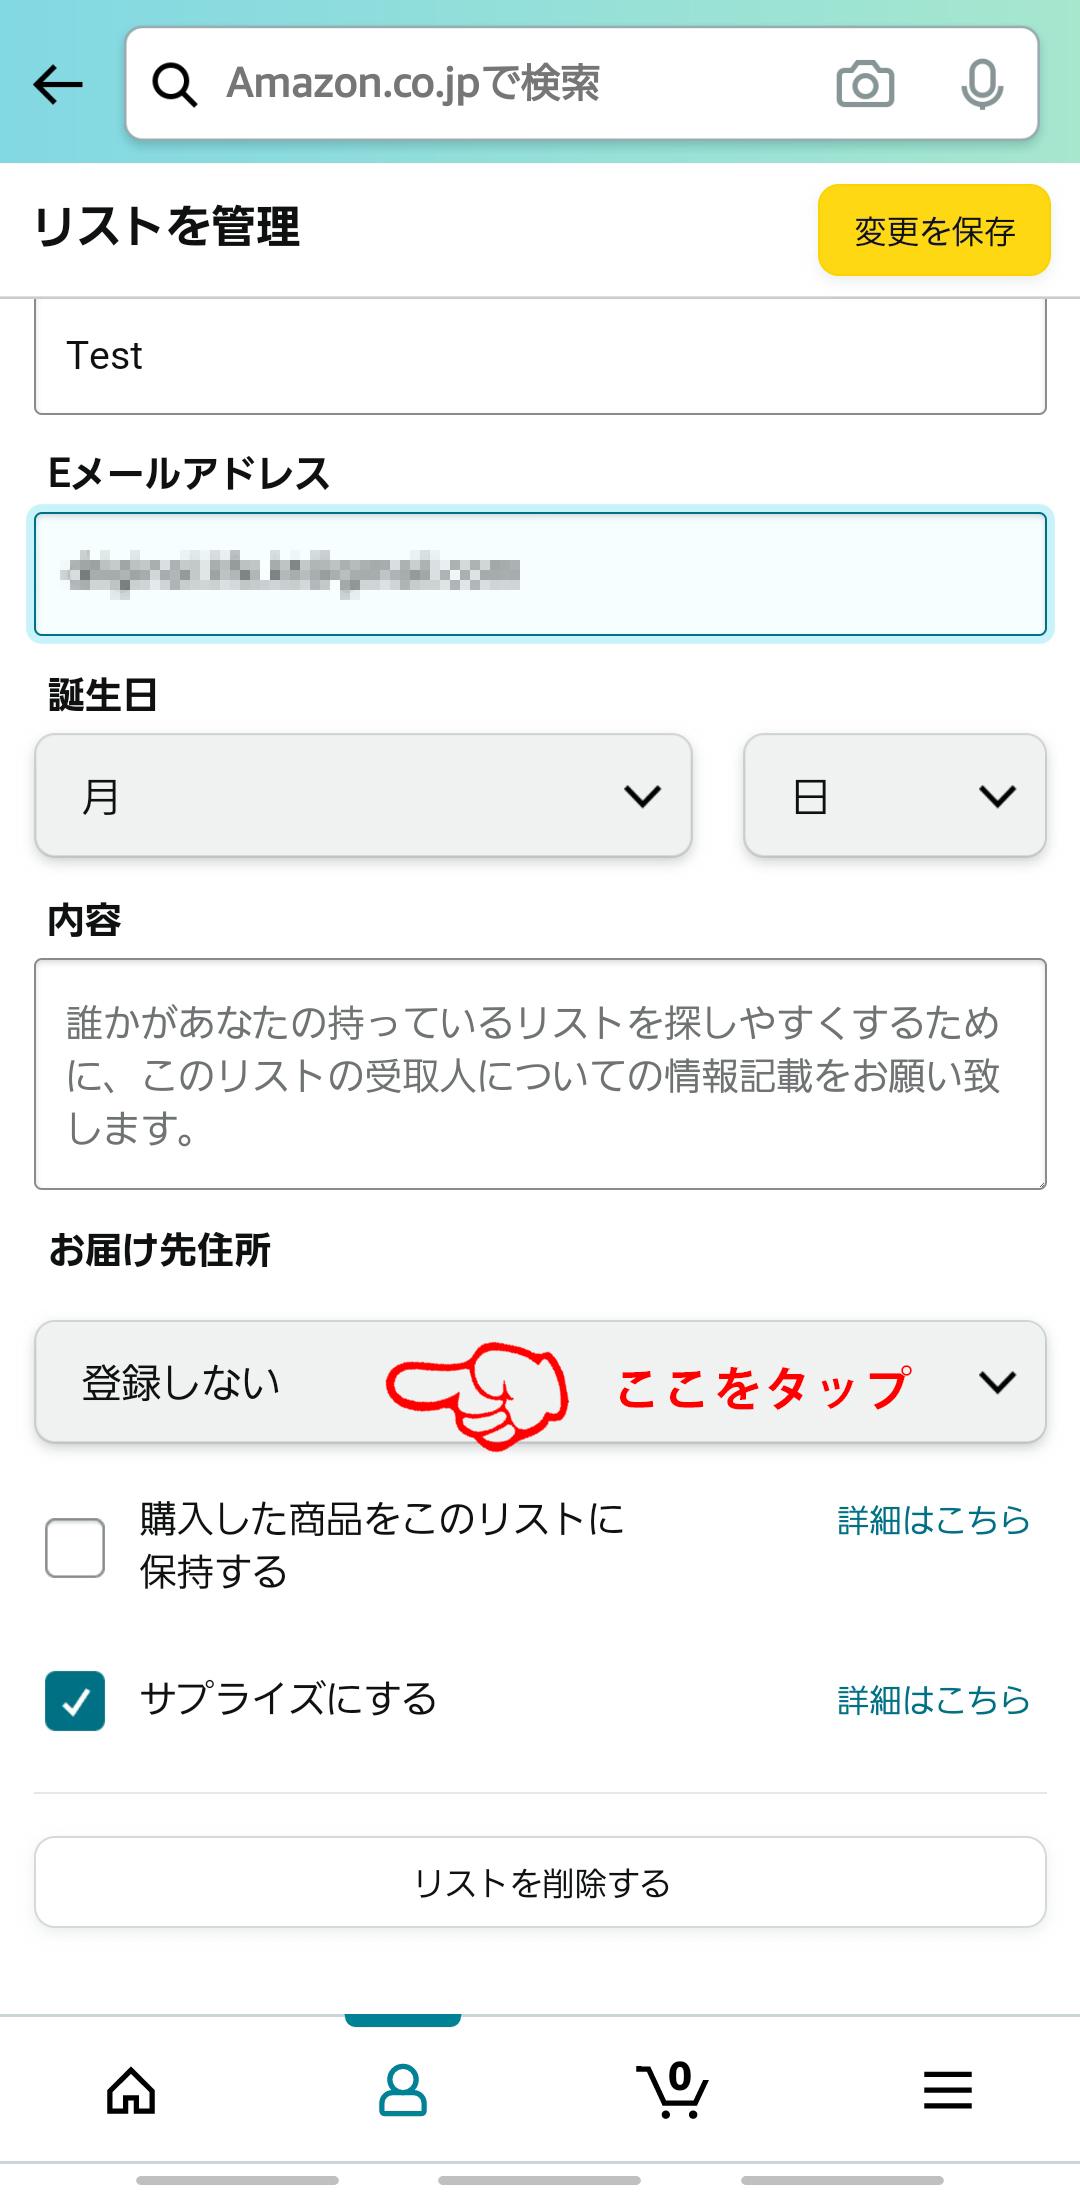 アマゾンアプリほしい物リスト作り方-8